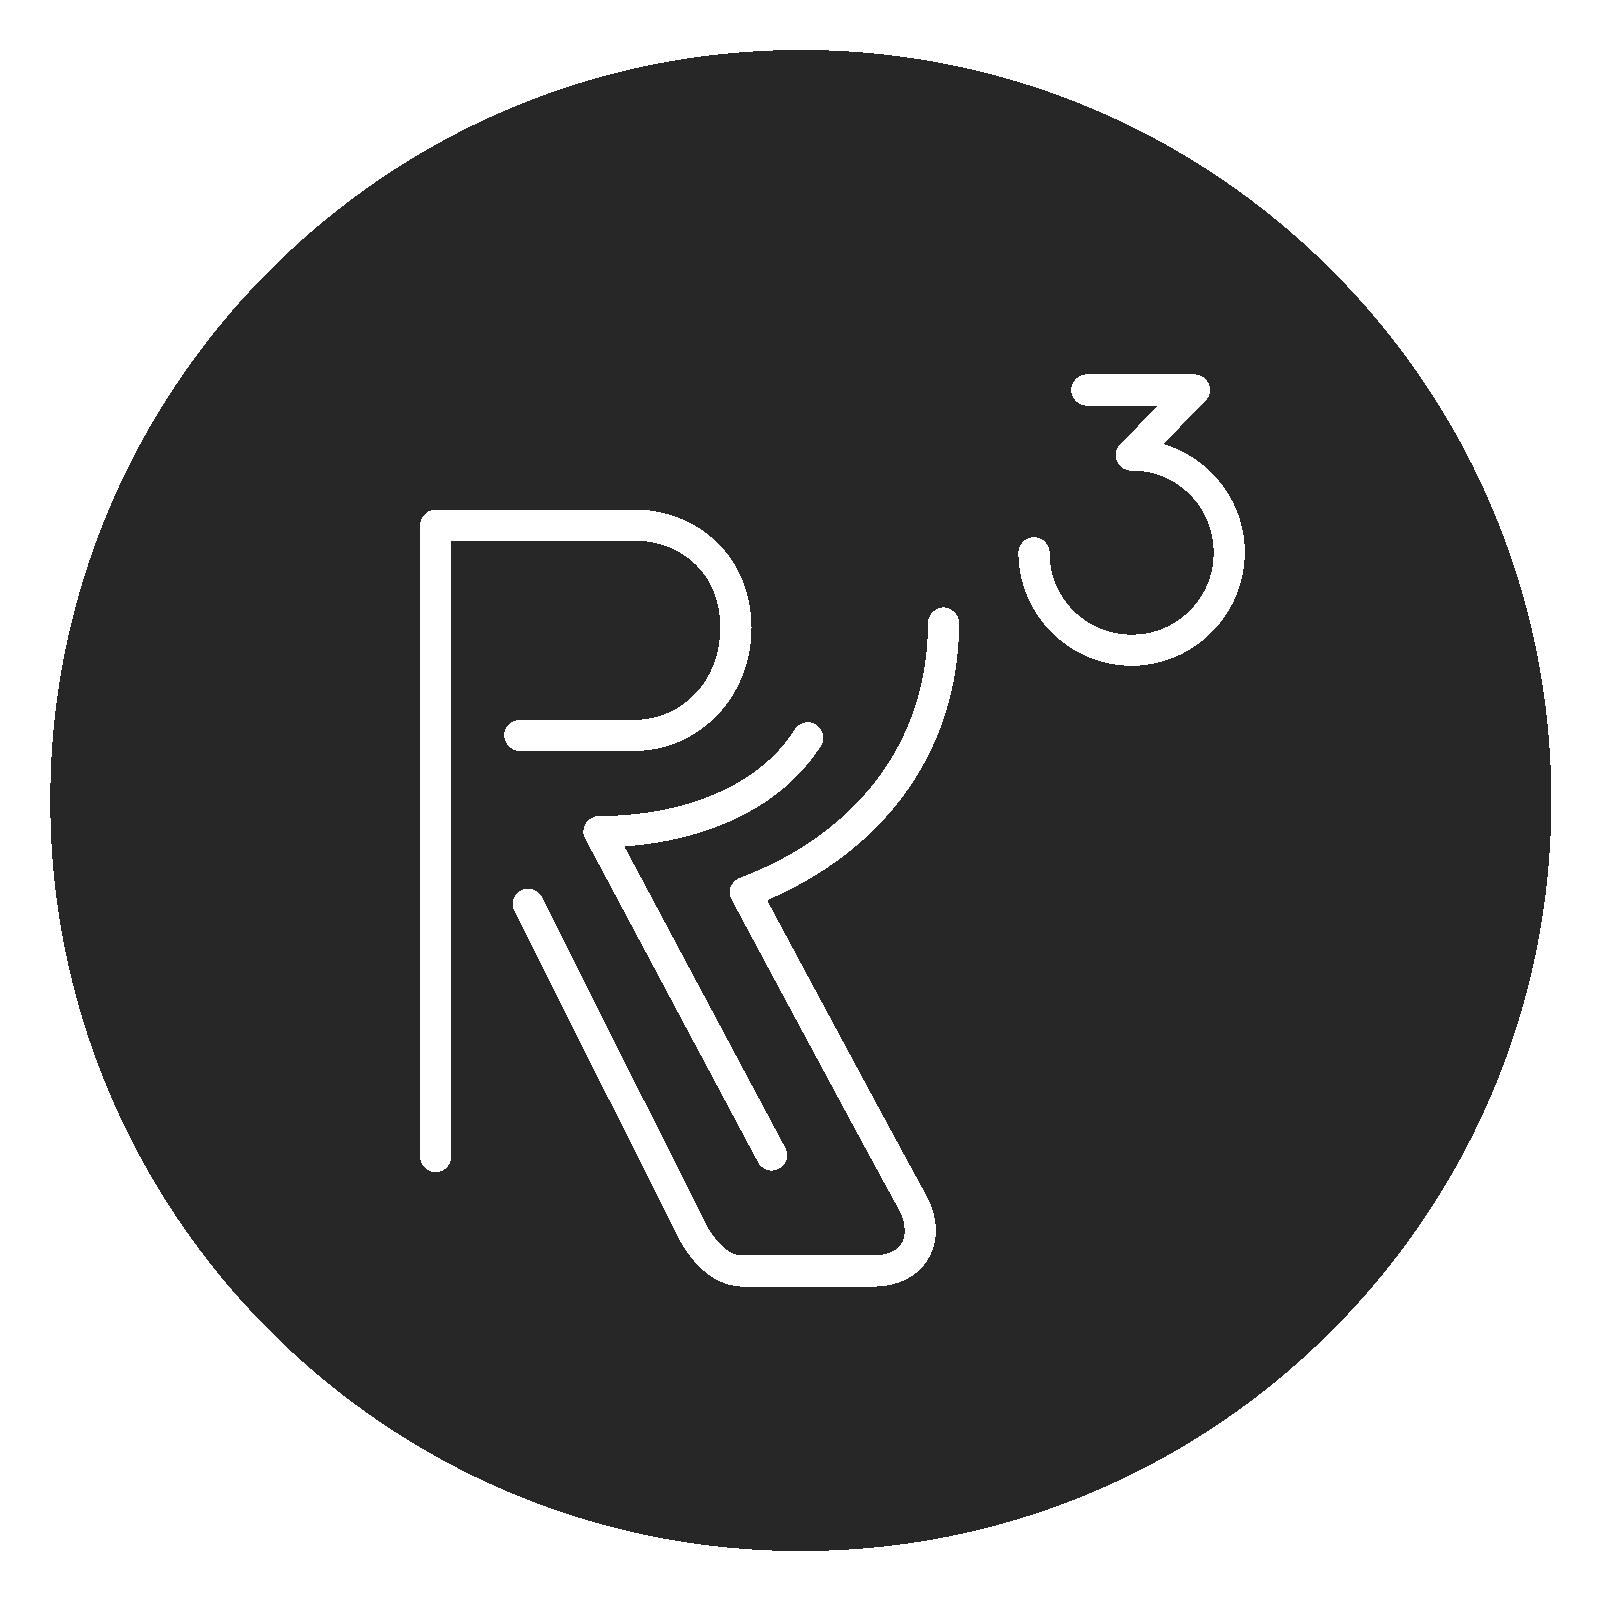 R3_logo_dot_icon.png